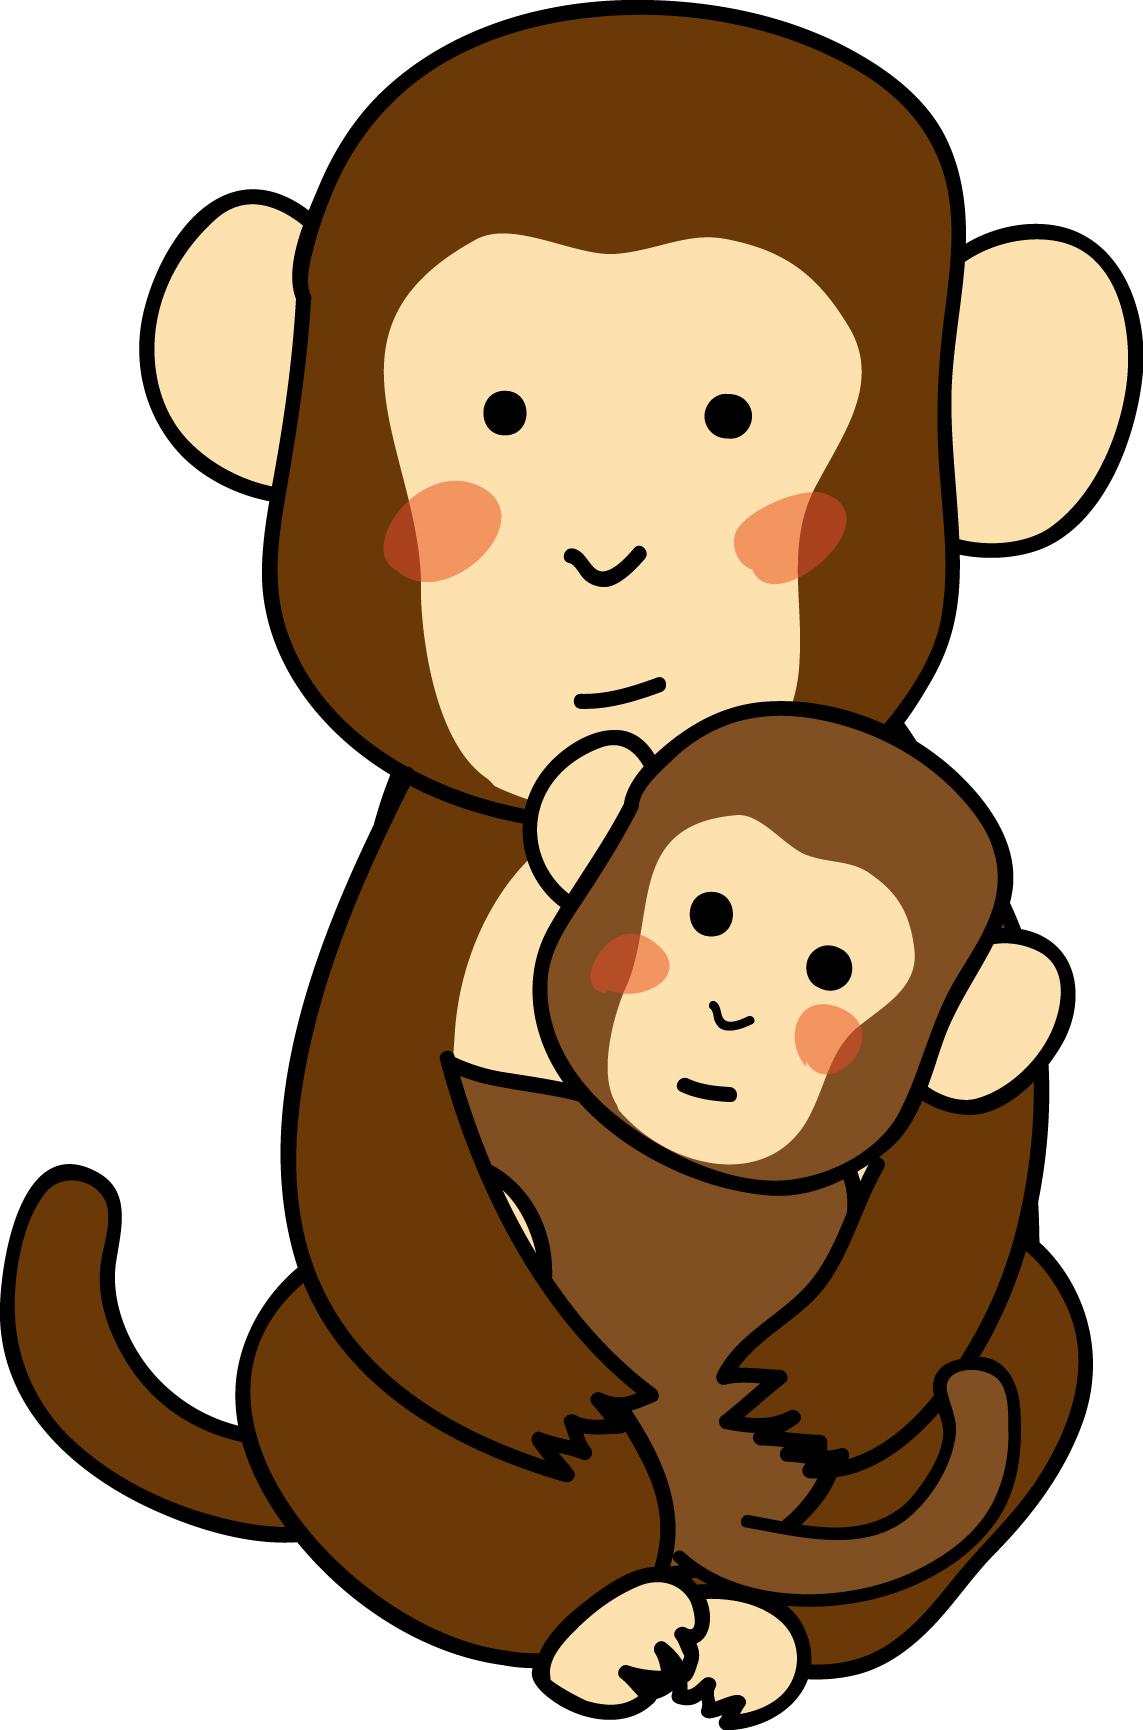 お猿の赤ちゃんとお母さんの素材ダウンロード|かわいい無料イラスト